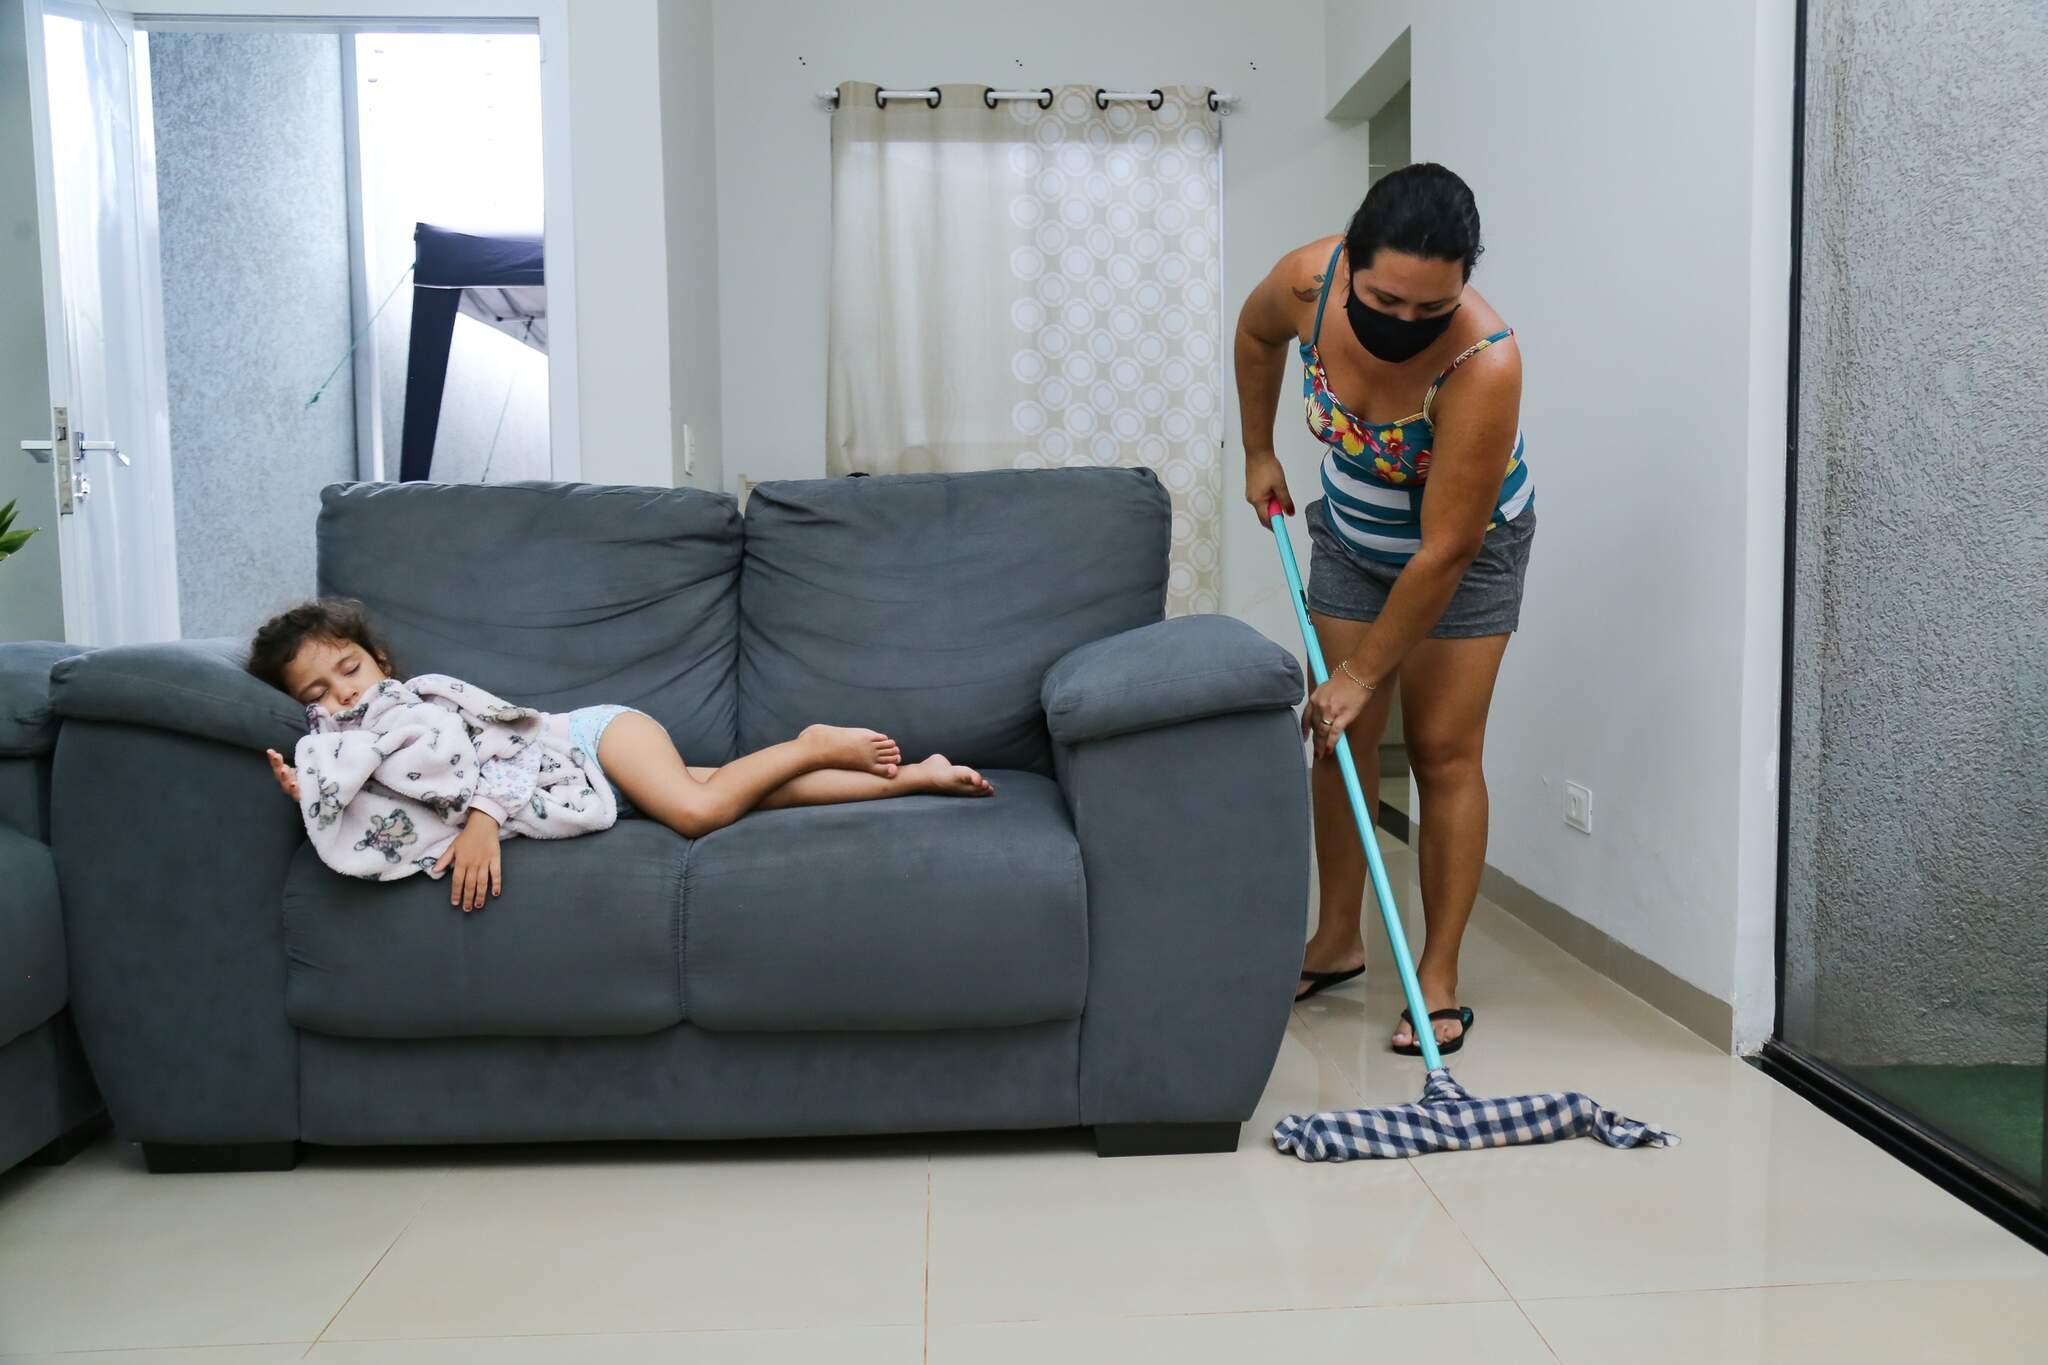 Viviane limpando a casa antes de iniciar expediente noturno. (Foto: Kísie Ainoã)